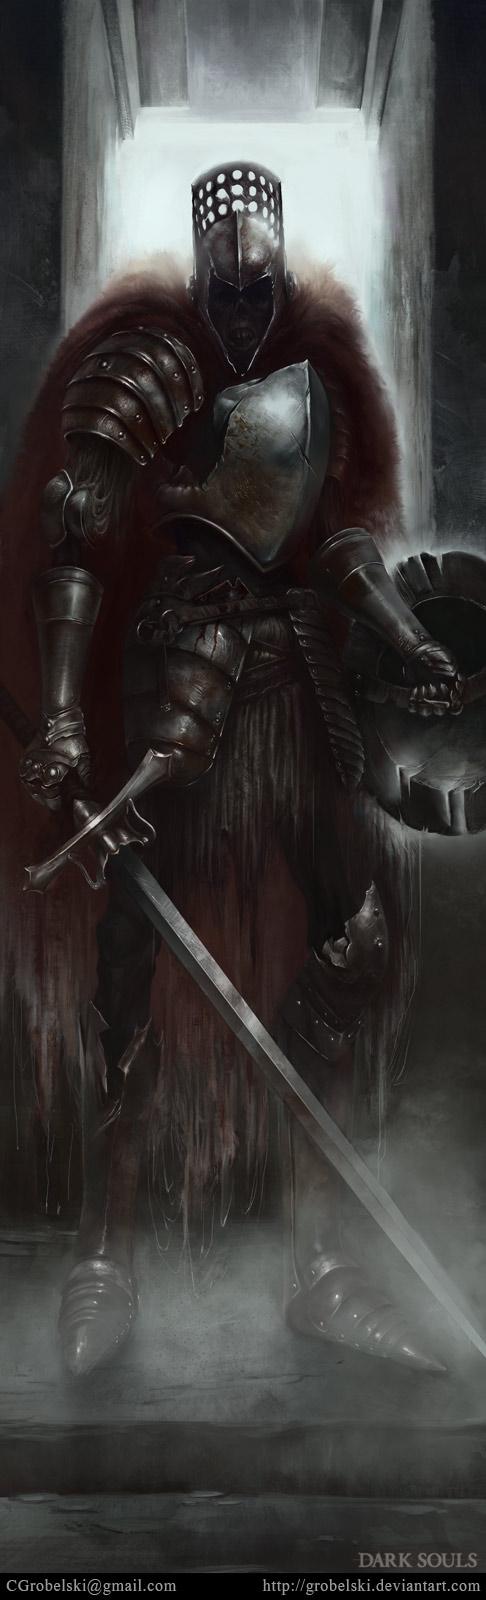 dark souls fanart by Grobelski